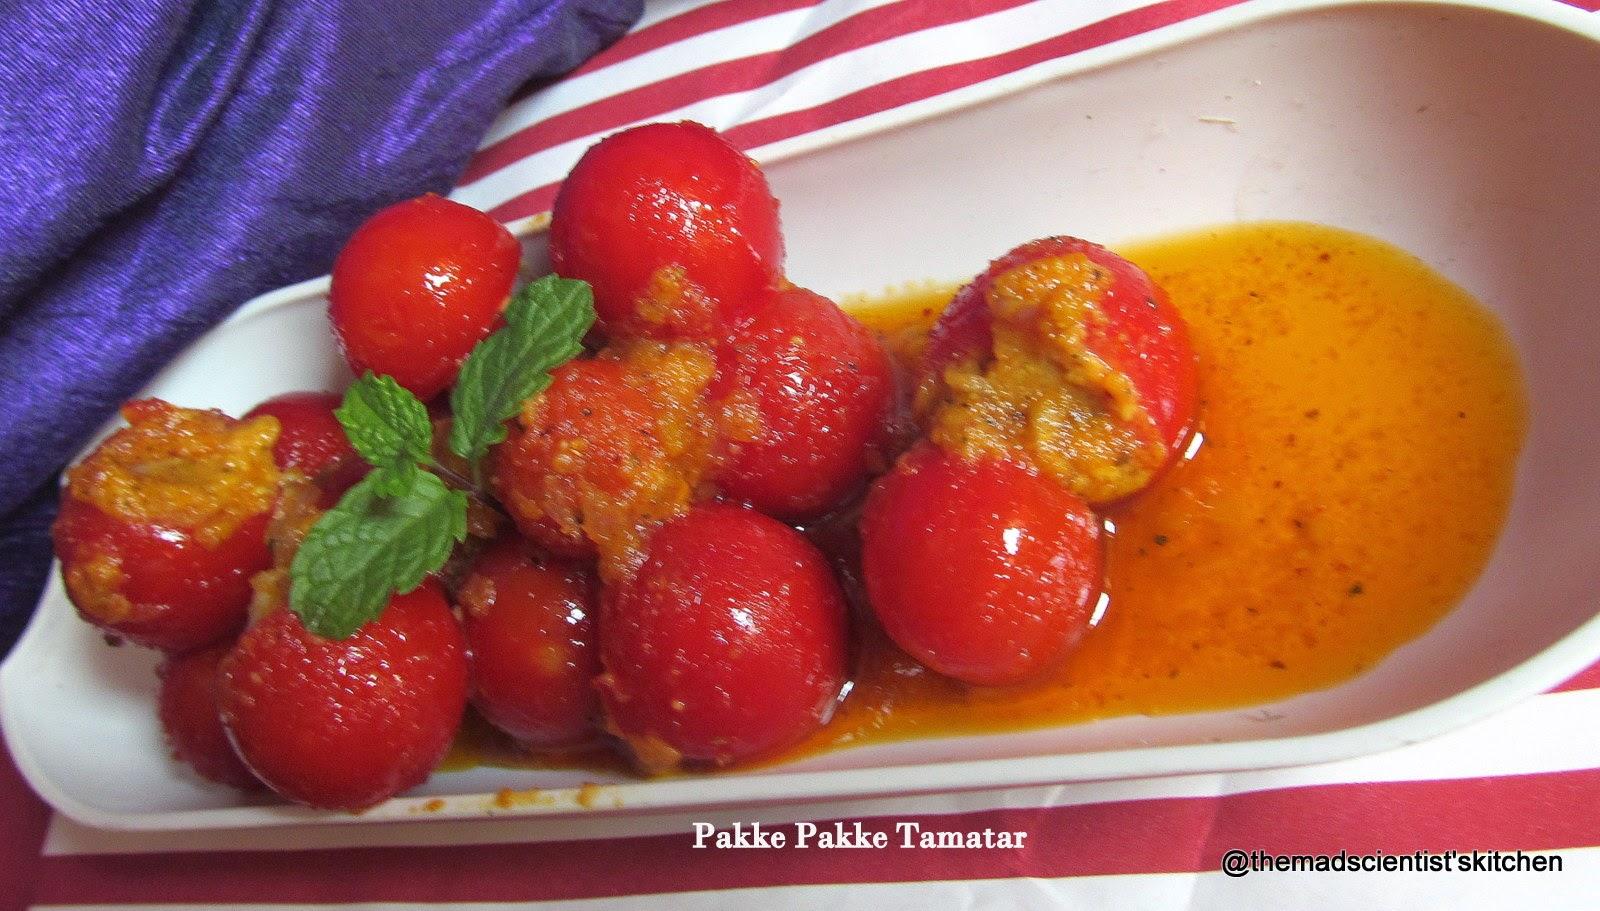 pakke pakke tamatar/ ripe stuffed cherry tomato